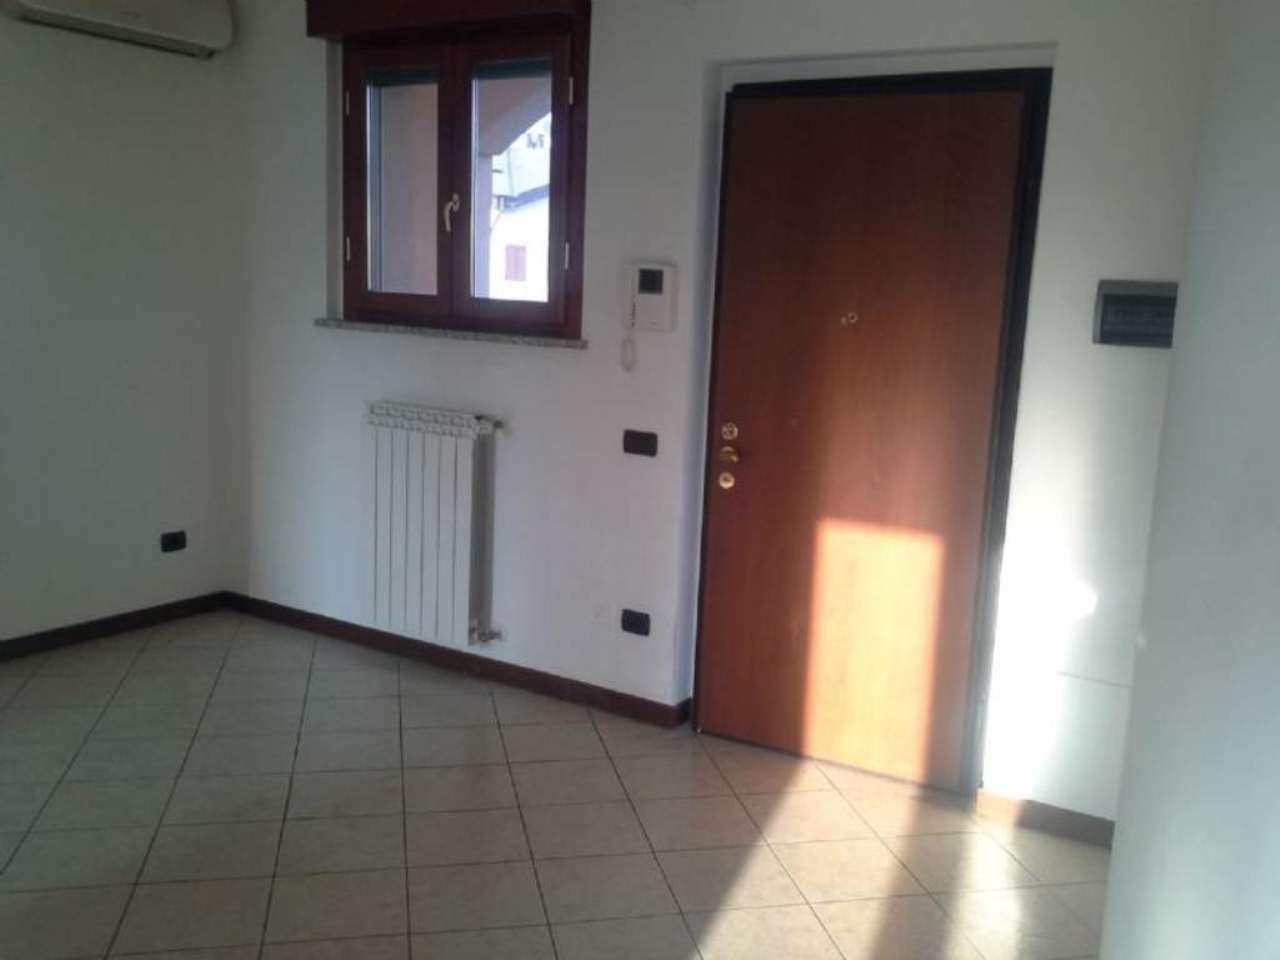 Appartamento in affitto a Mesero, 3 locali, prezzo € 600 | CambioCasa.it